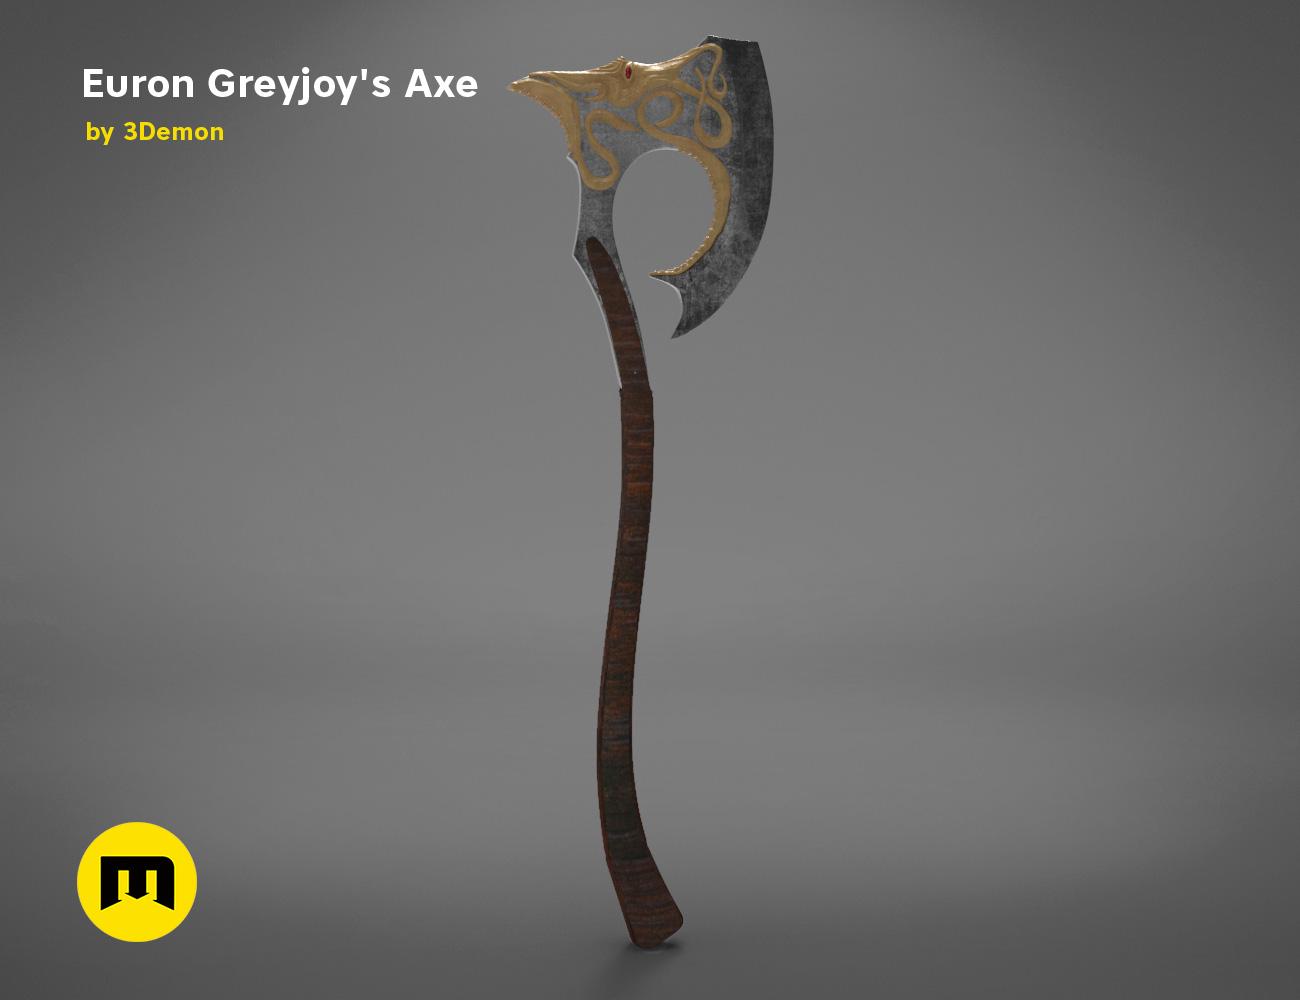 axe-gameofthrones-render.973.jpg Download OBJ file Euron Greyjoy's Axe • 3D printable object, 3D-mon